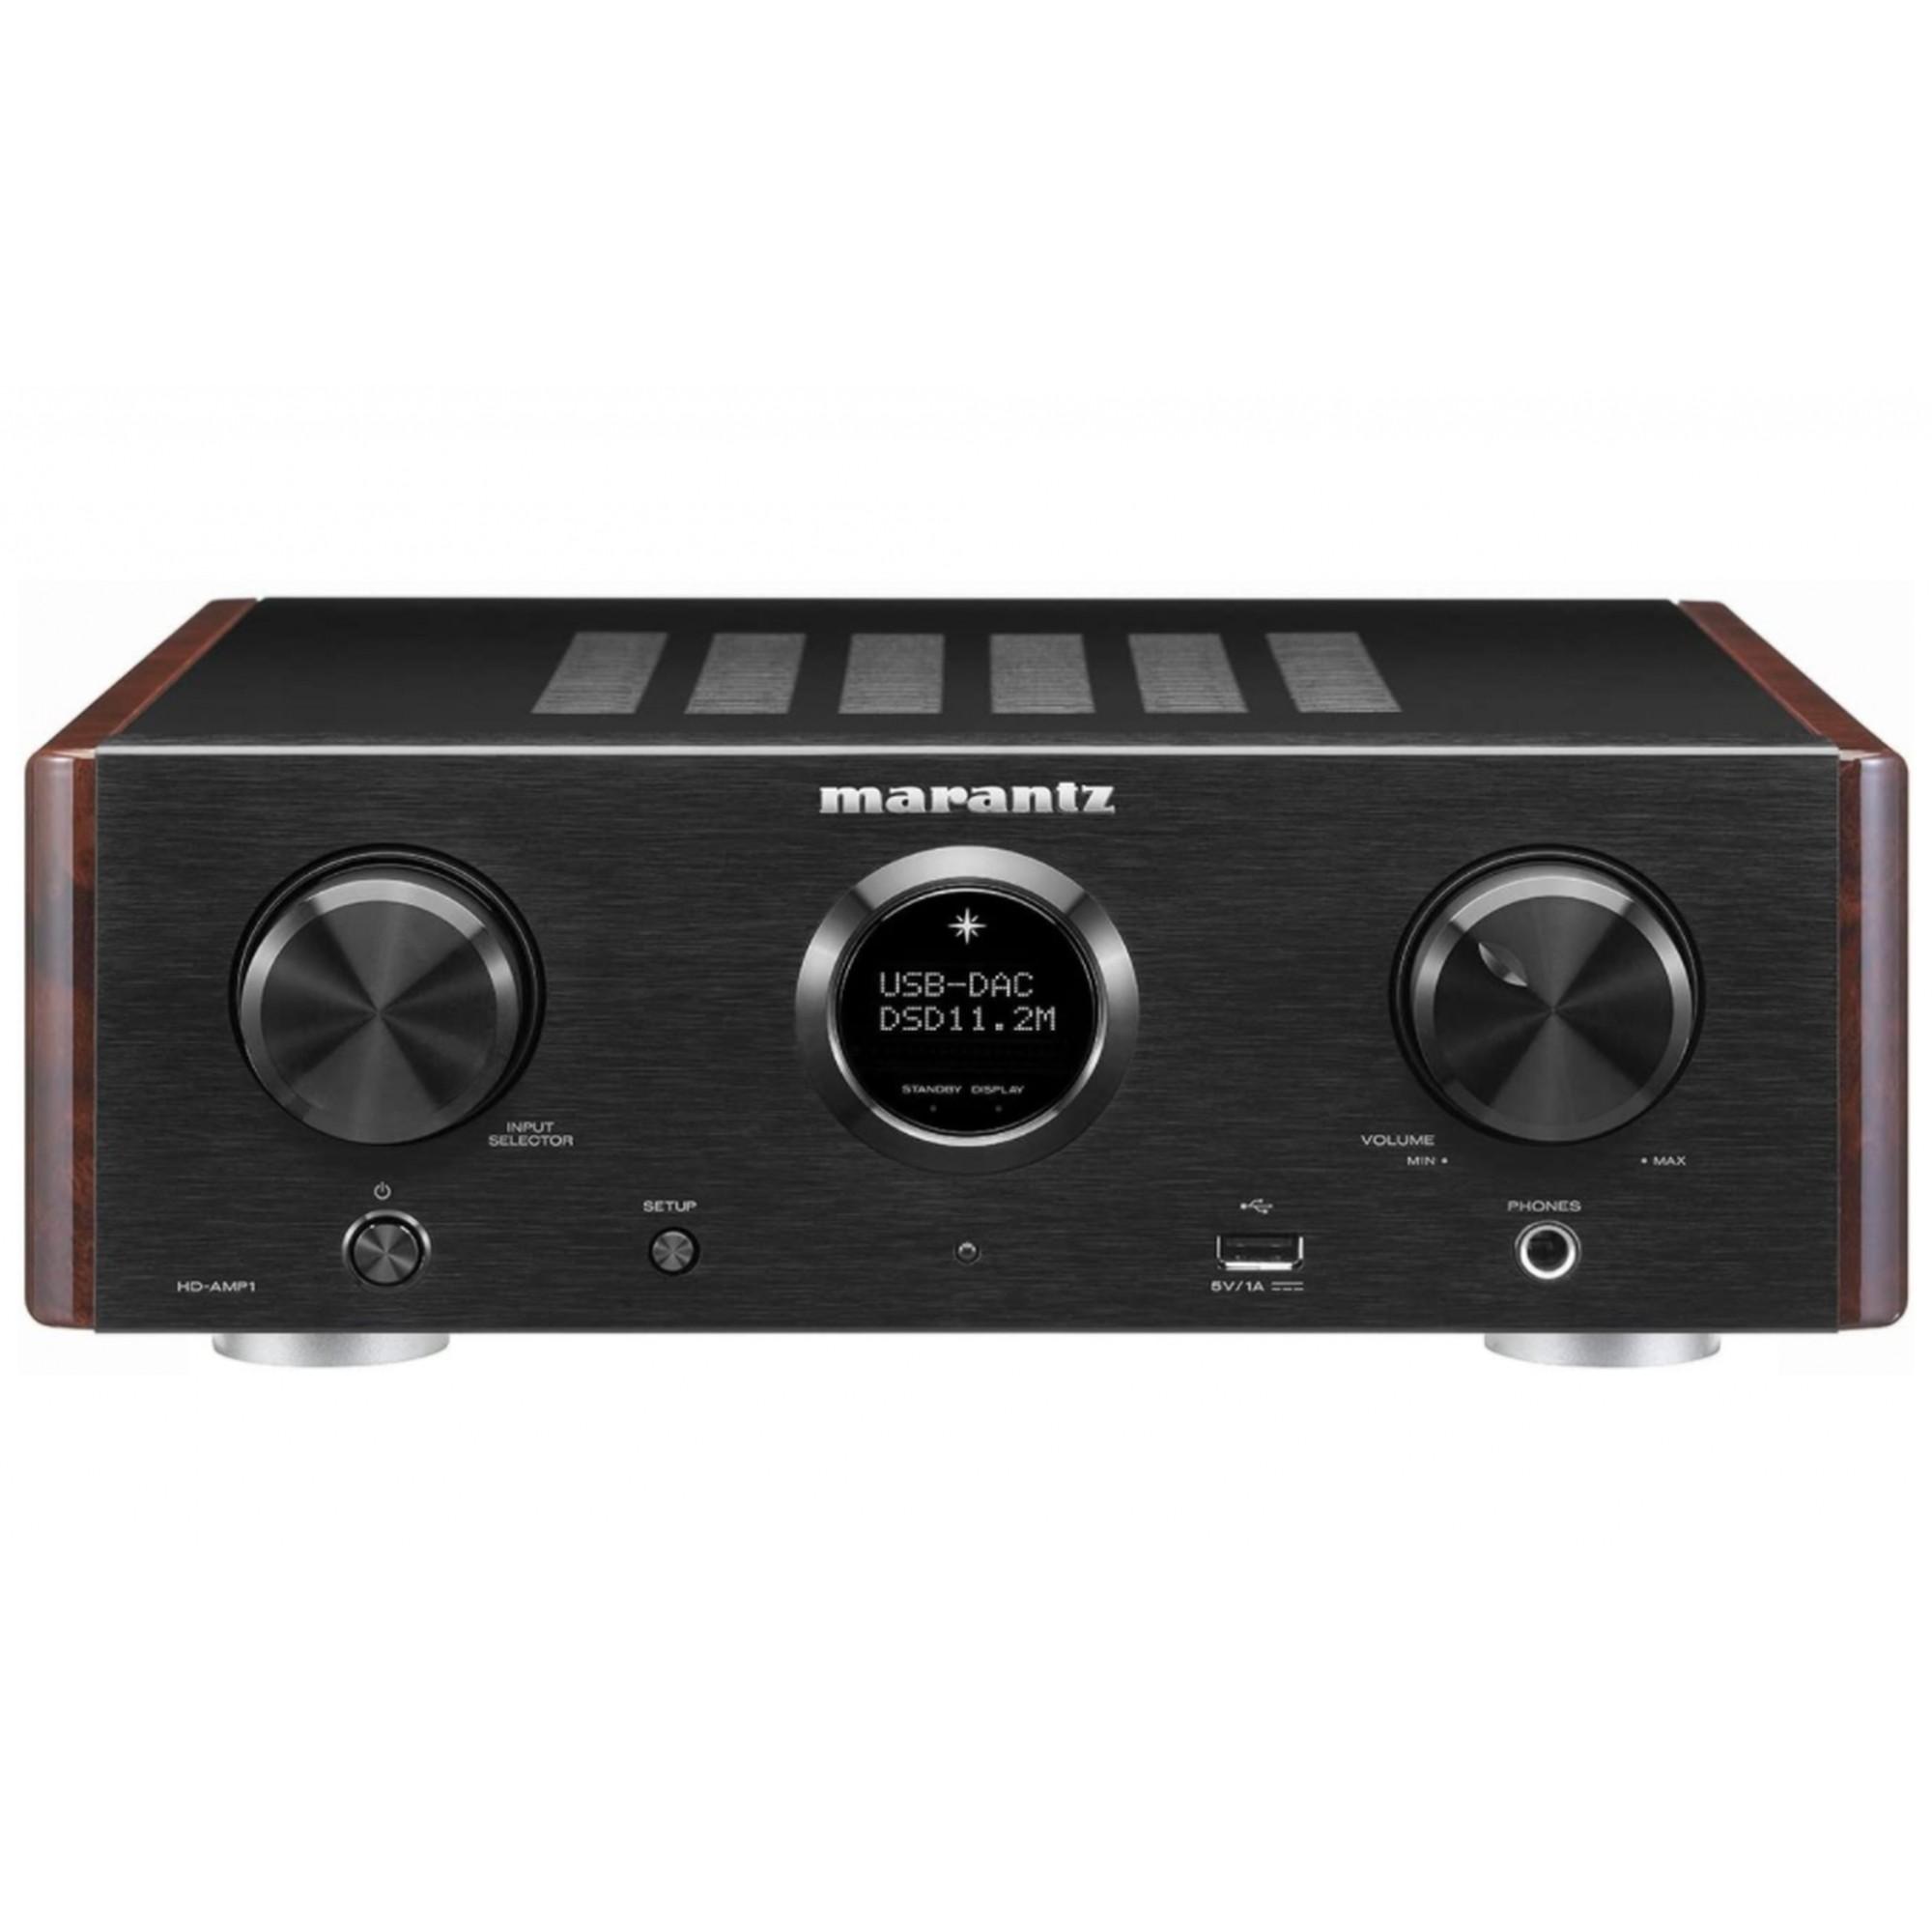 Marantz Hd-amp1 Amplificador Integrado Premium 120v